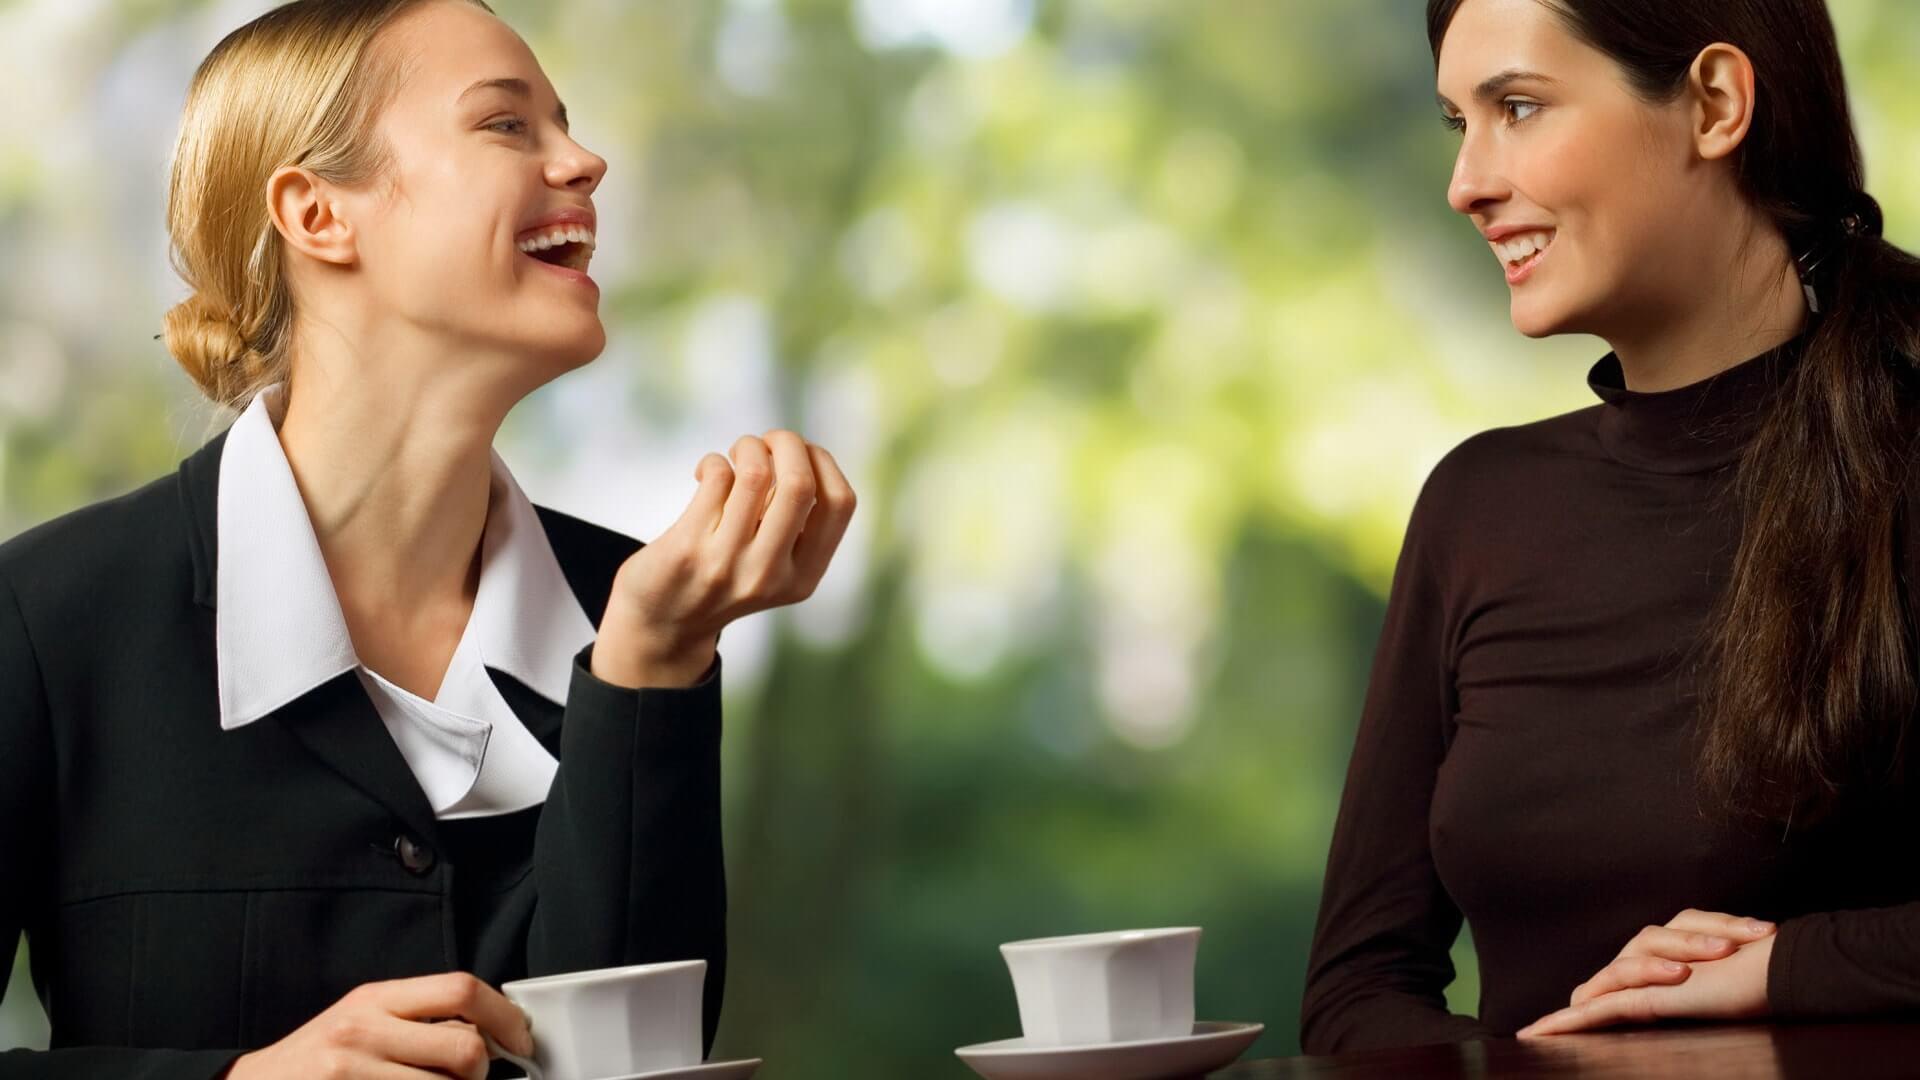 Chẳng-cần-phải-đi-xa,-bạn-cũng-có-thể-xả-stress-ngay-tại-bàn-làm-việc-với-10-thú-vui-tao-nhã-này-3